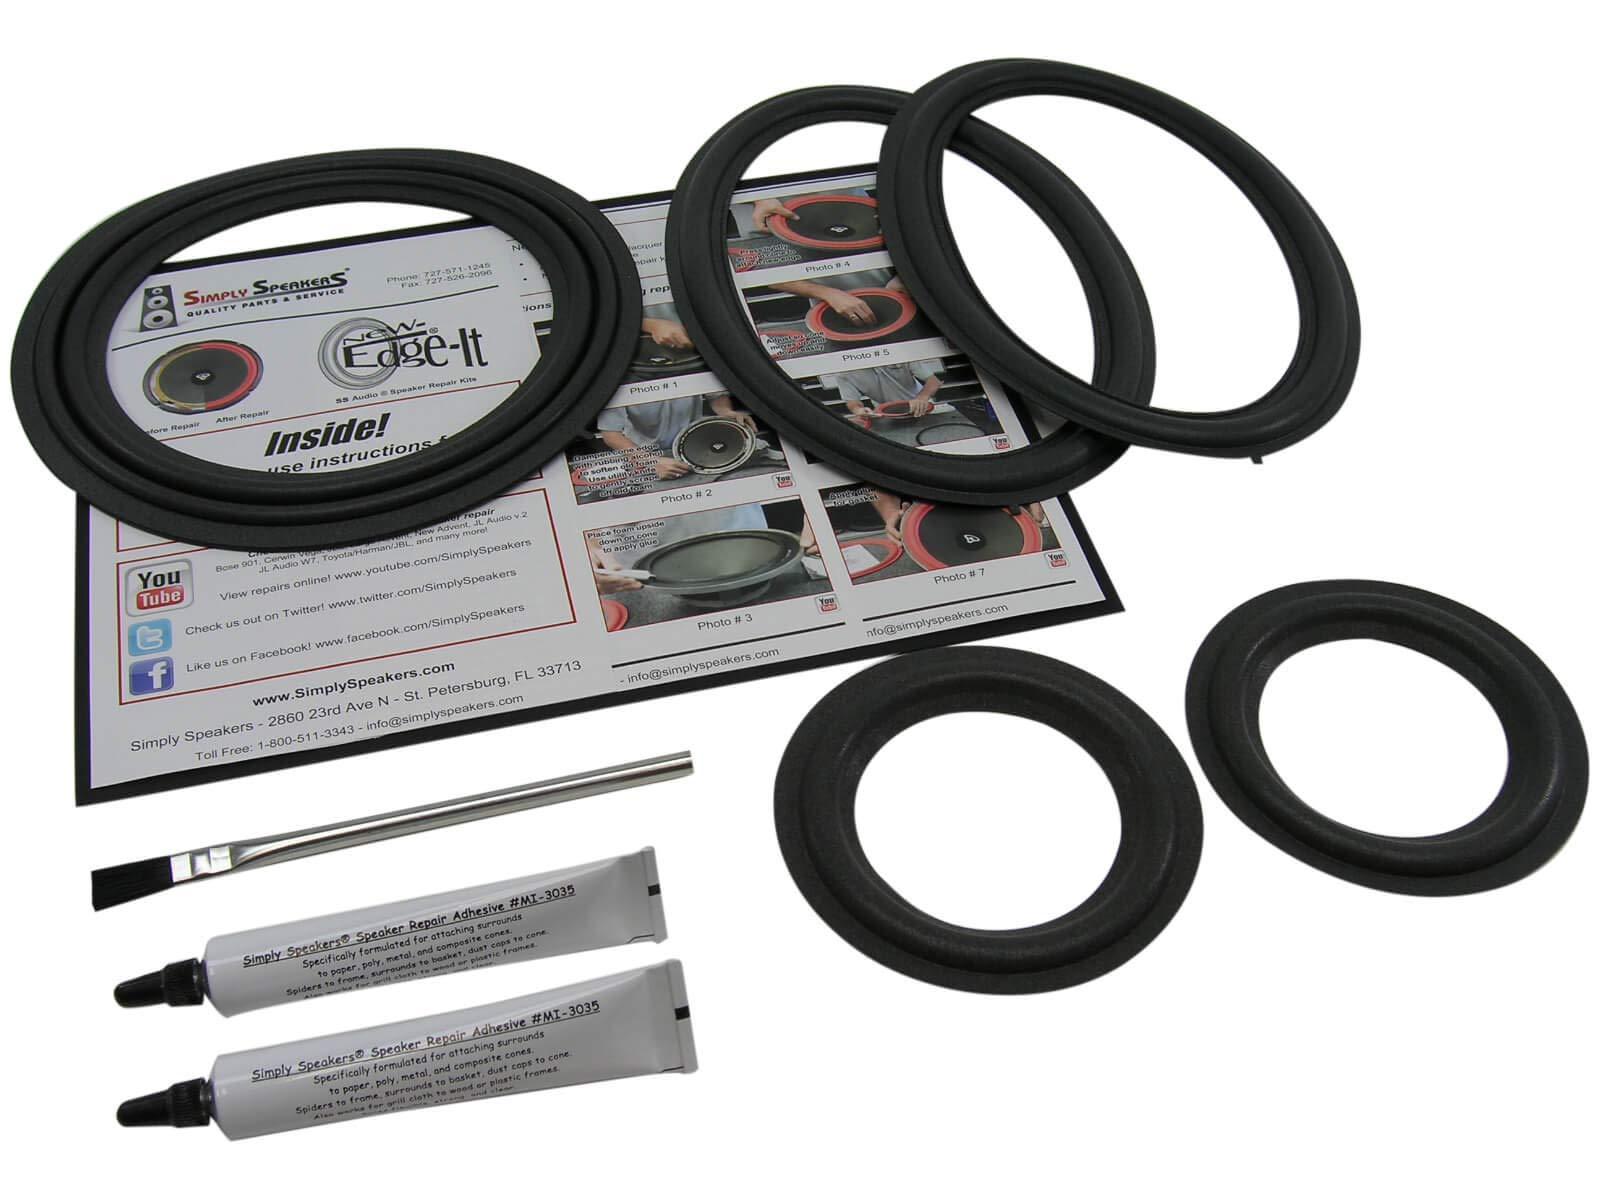 Lexus SC430 Complete System Speaker Repair Kit FSK-SC430 by Simply Speakers